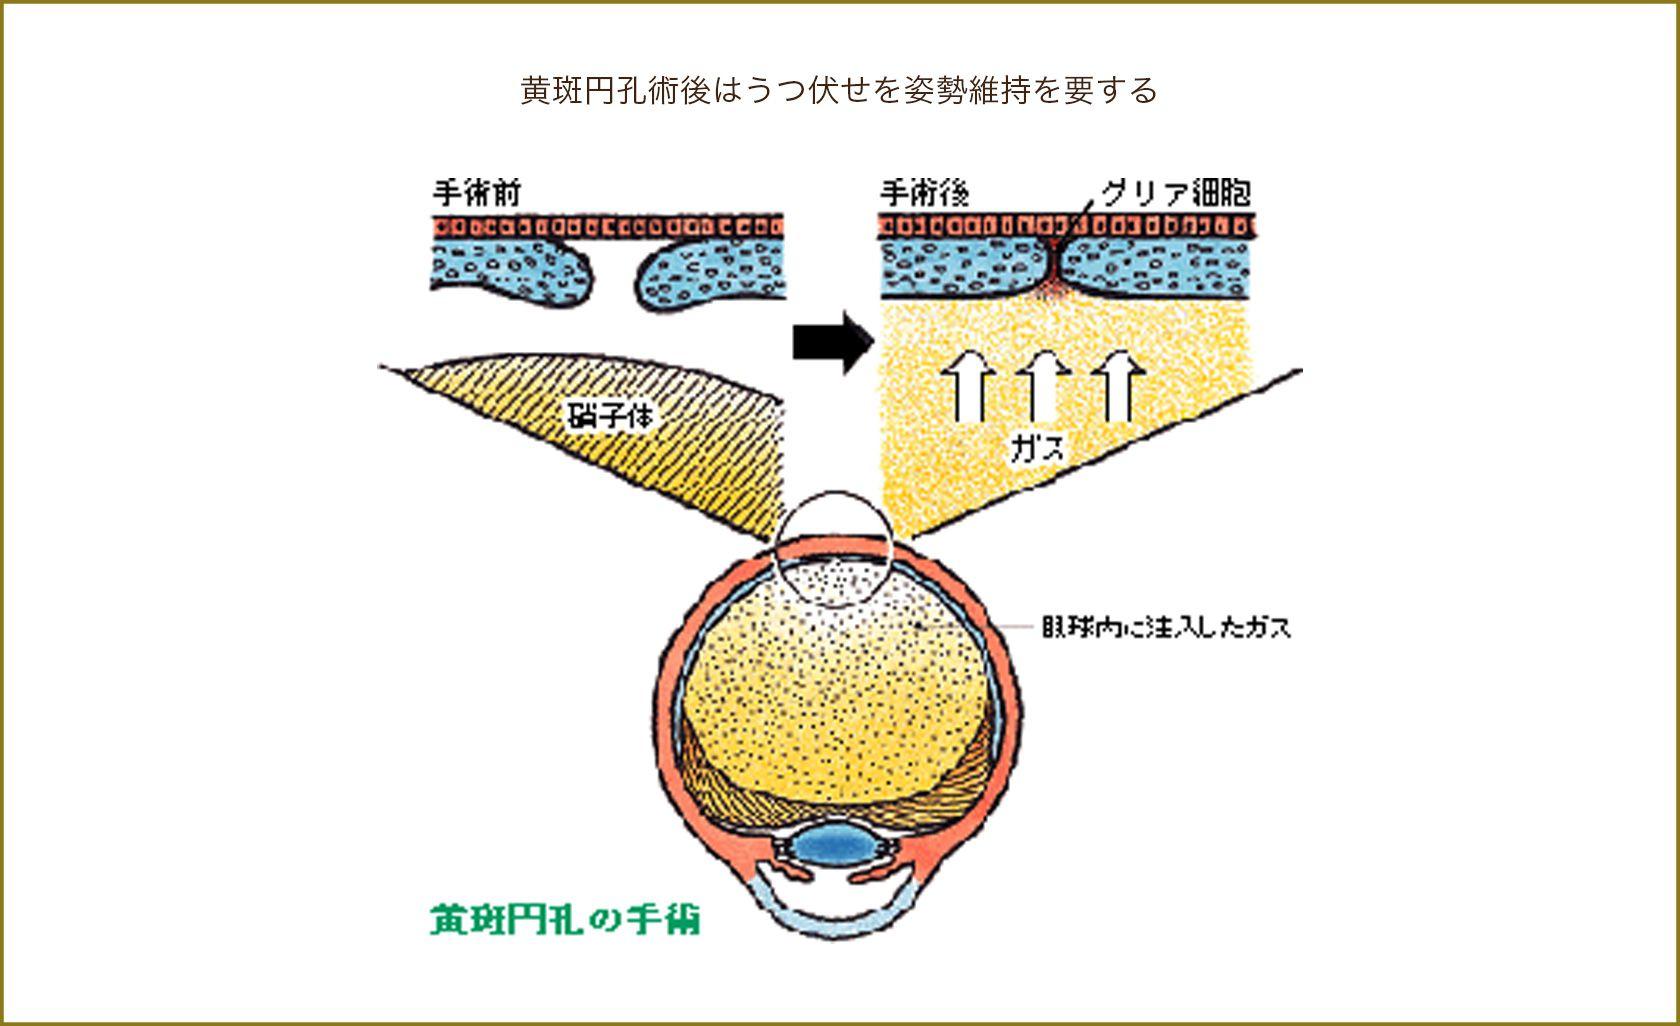 黄斑円孔術後はうつ伏せを姿勢維持を要する